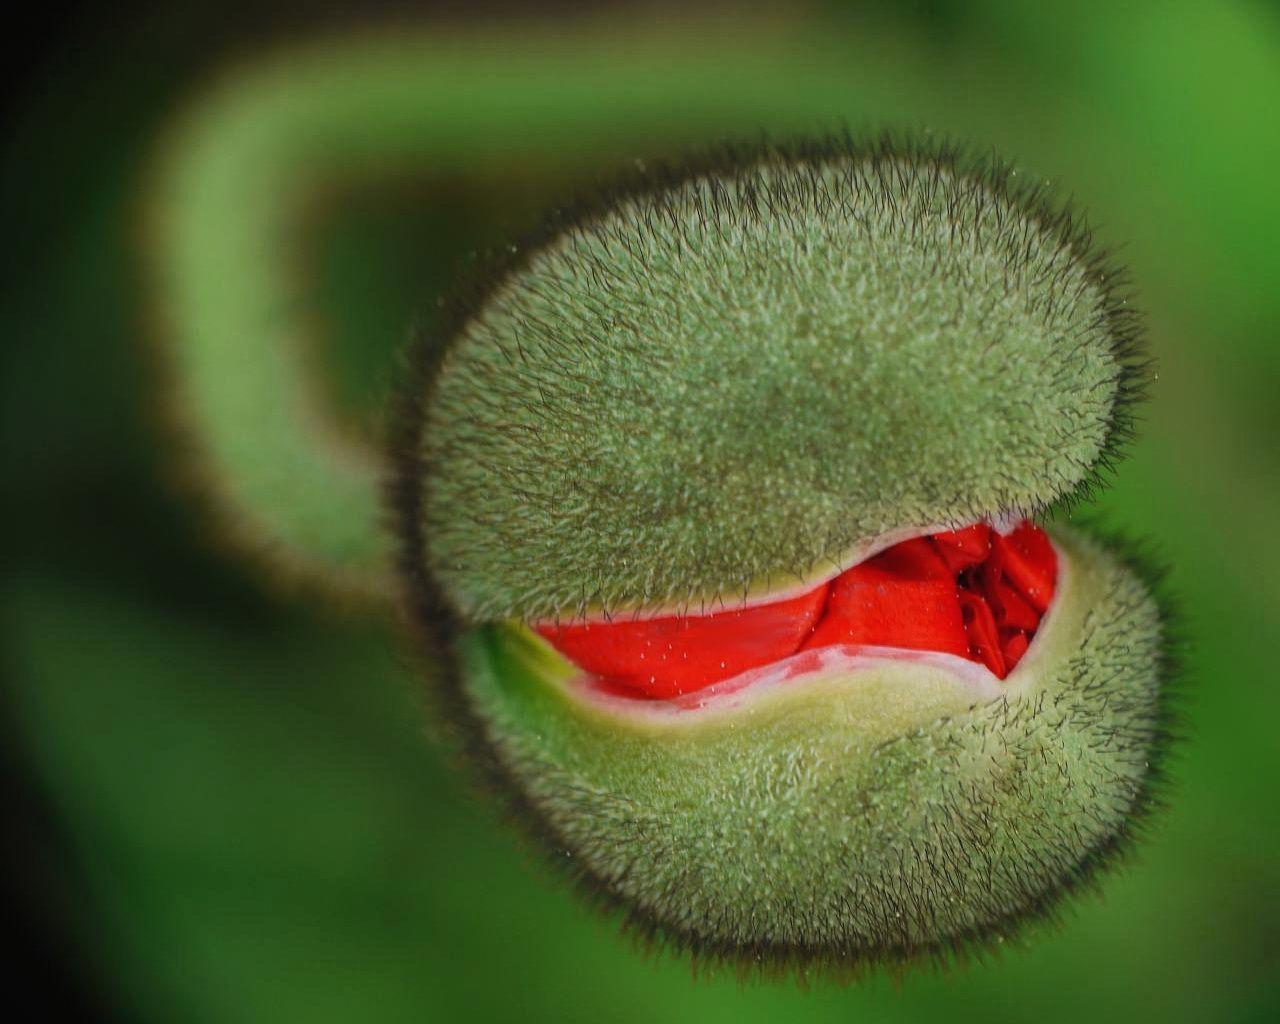 自然摄影 - 香儿 - xianger